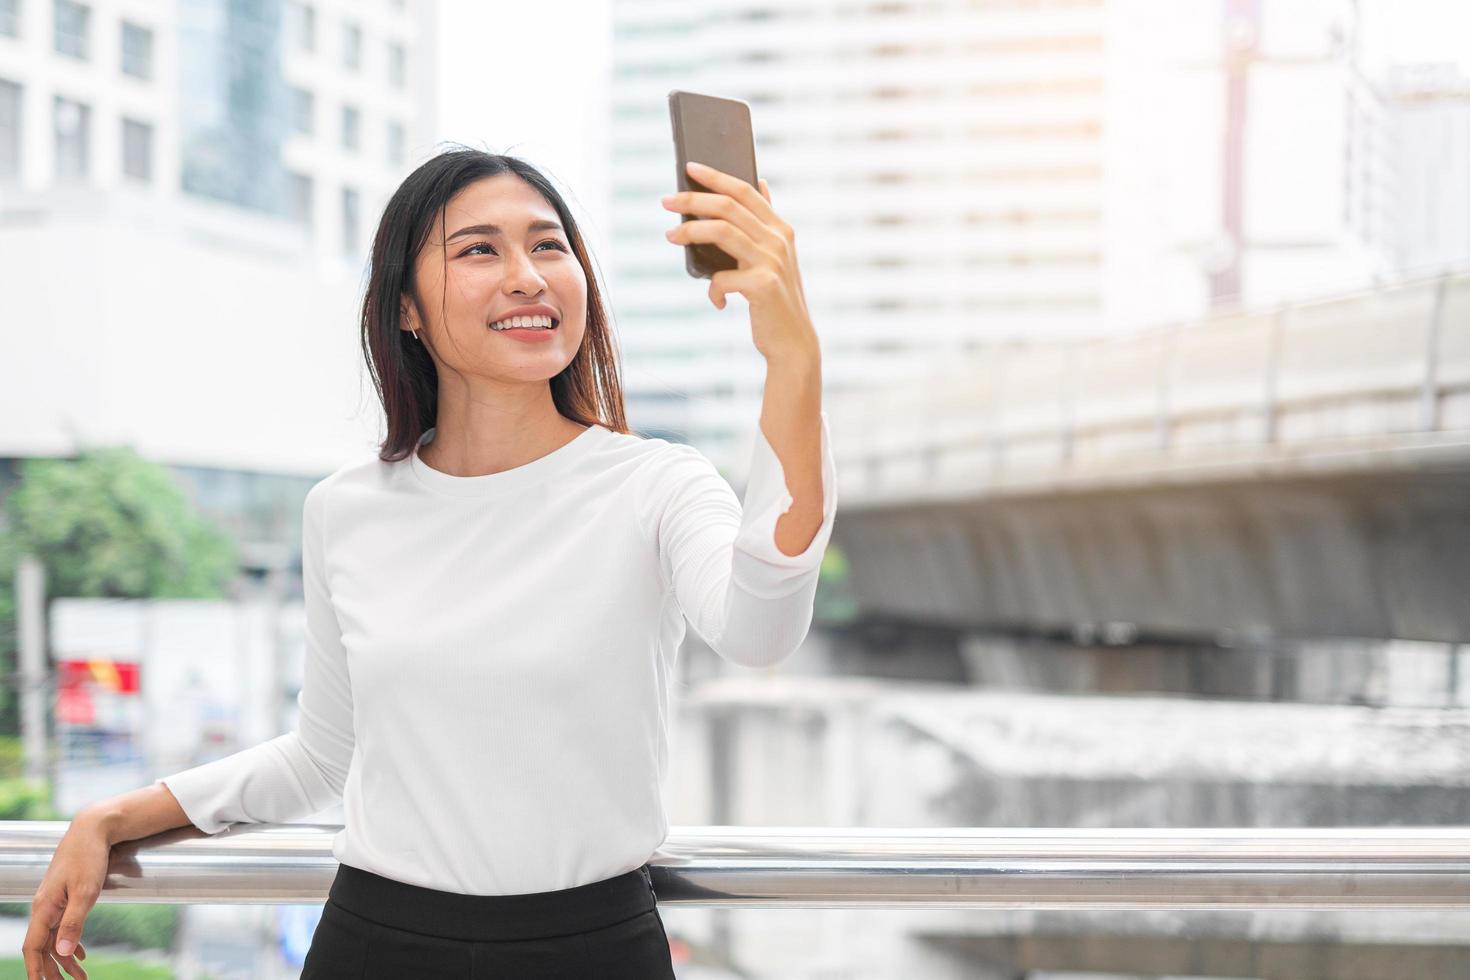 portret van Aziatische vrouw die een selfie neemt foto